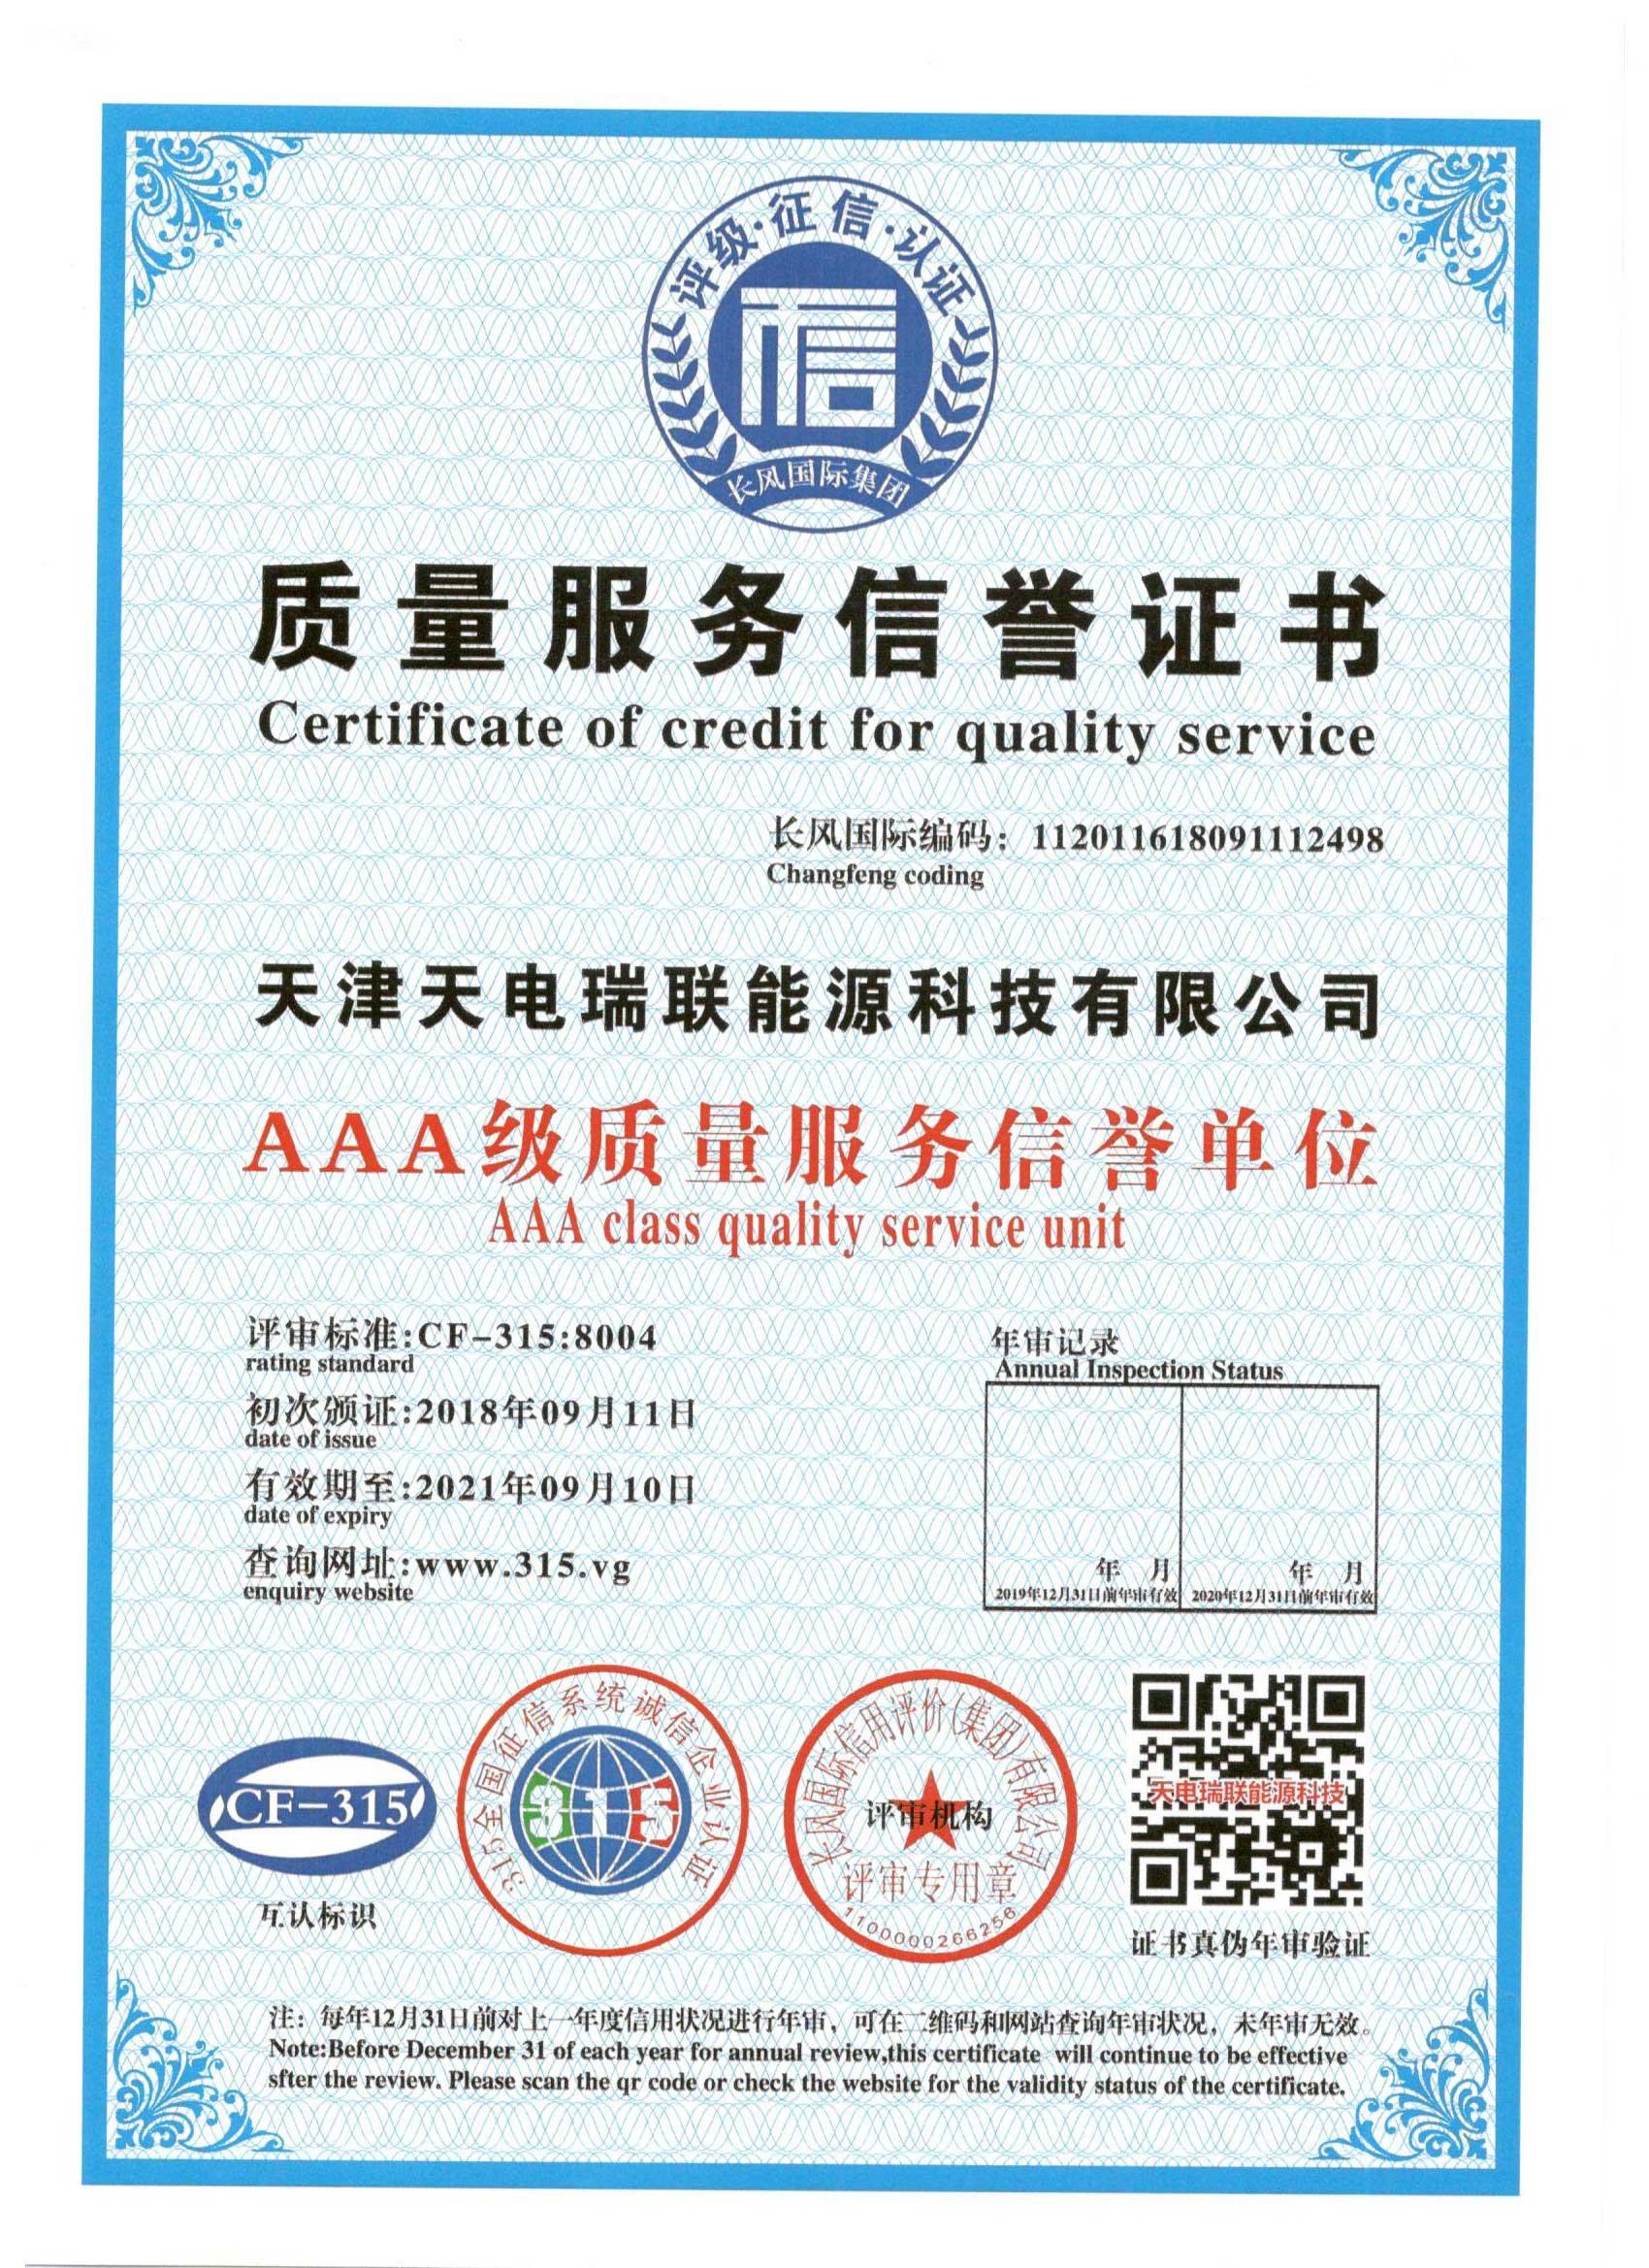 AAA质量服务信誉证书